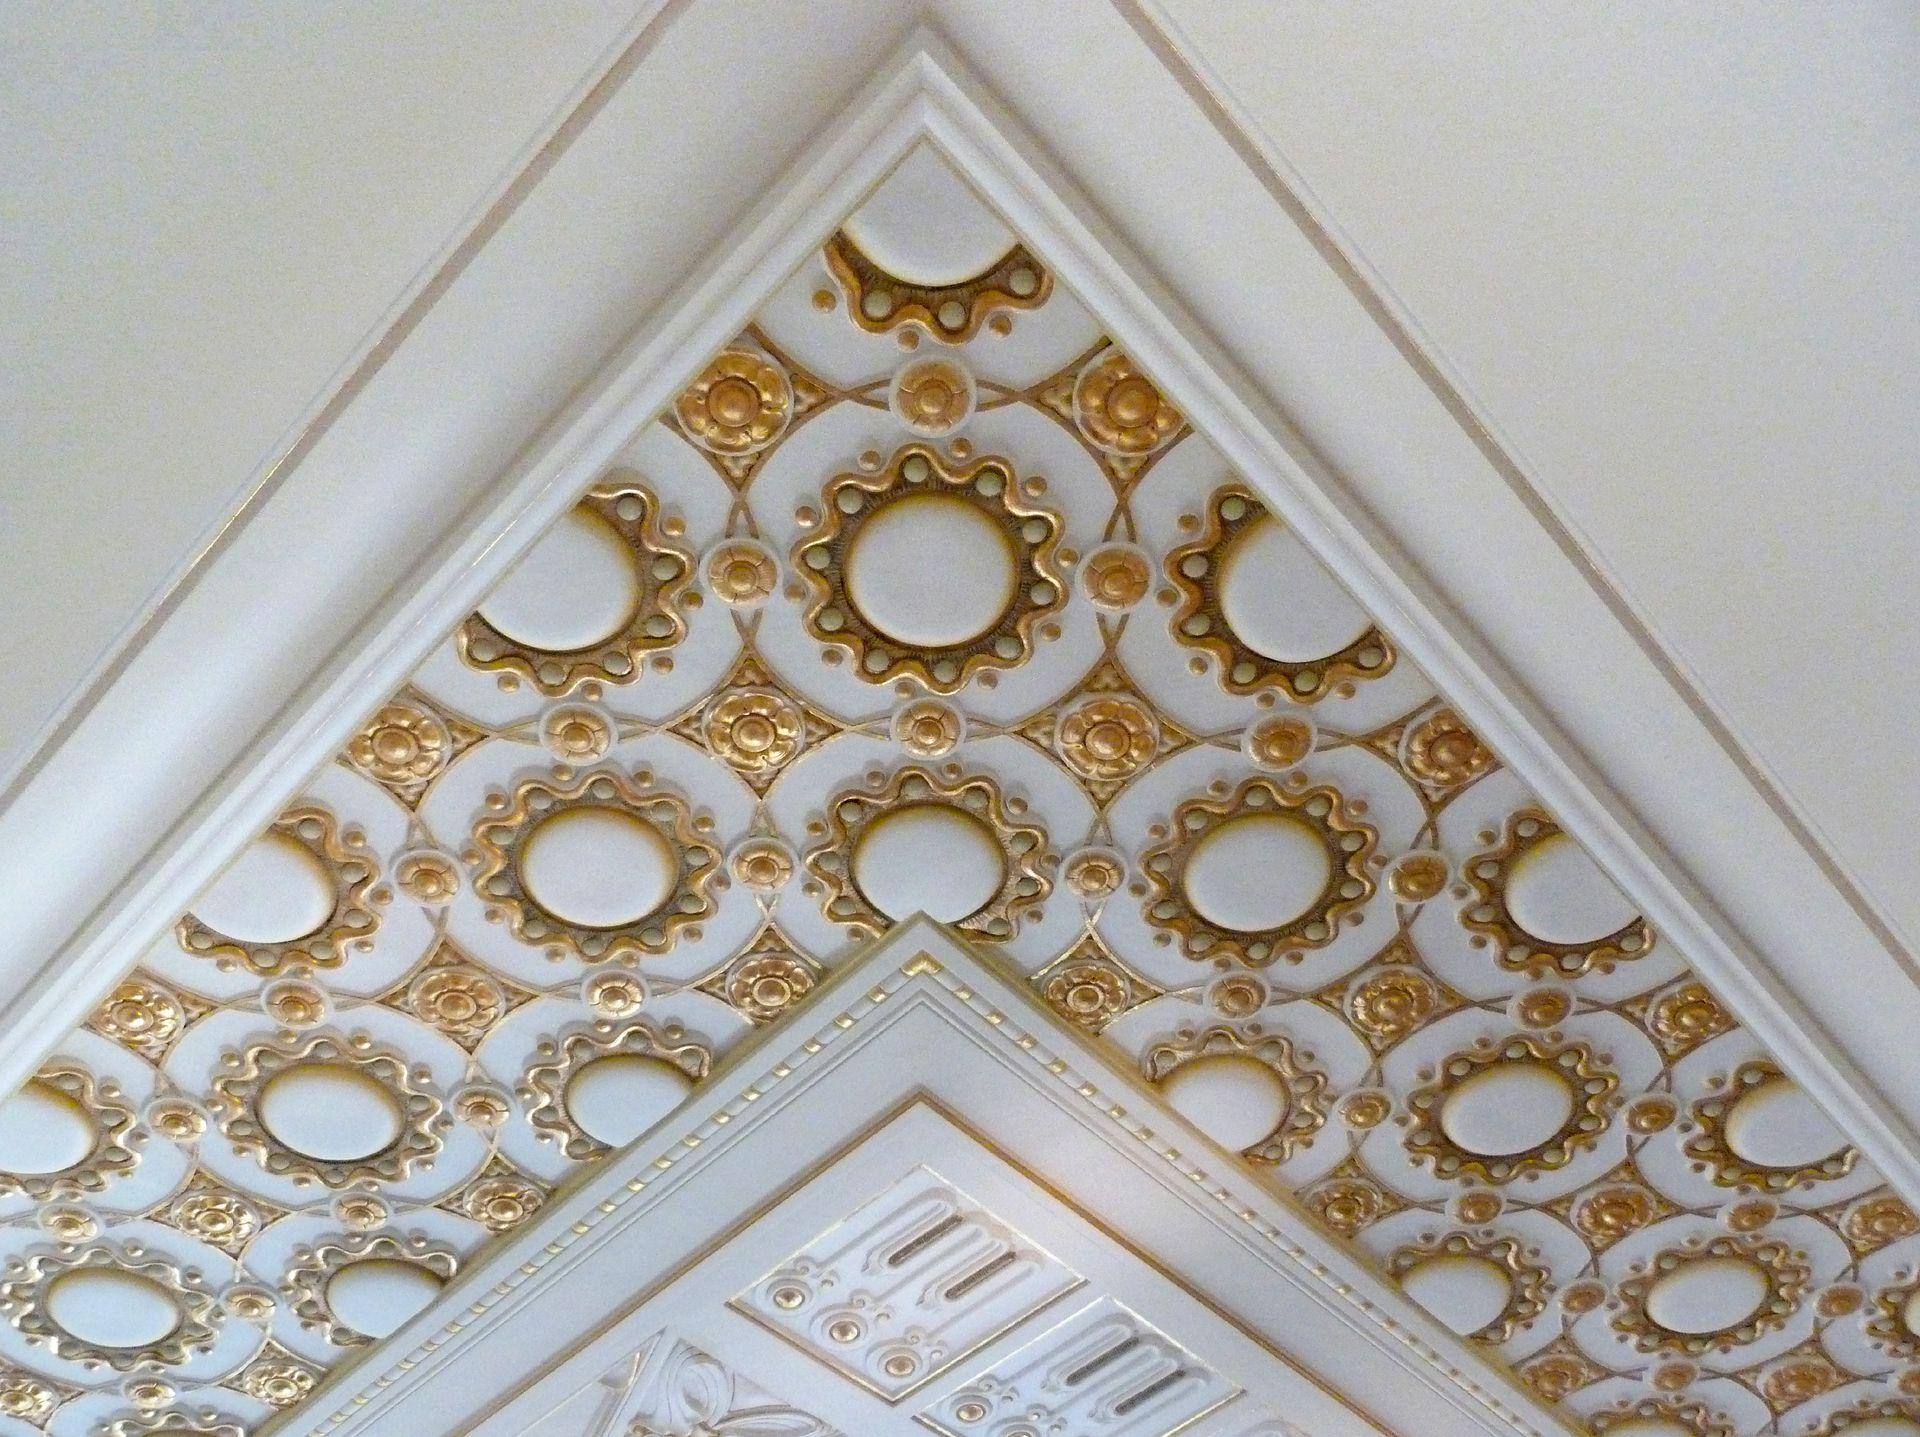 Castle Faber-Castell Jugendstil stair well, upper storey, gesso ceiling